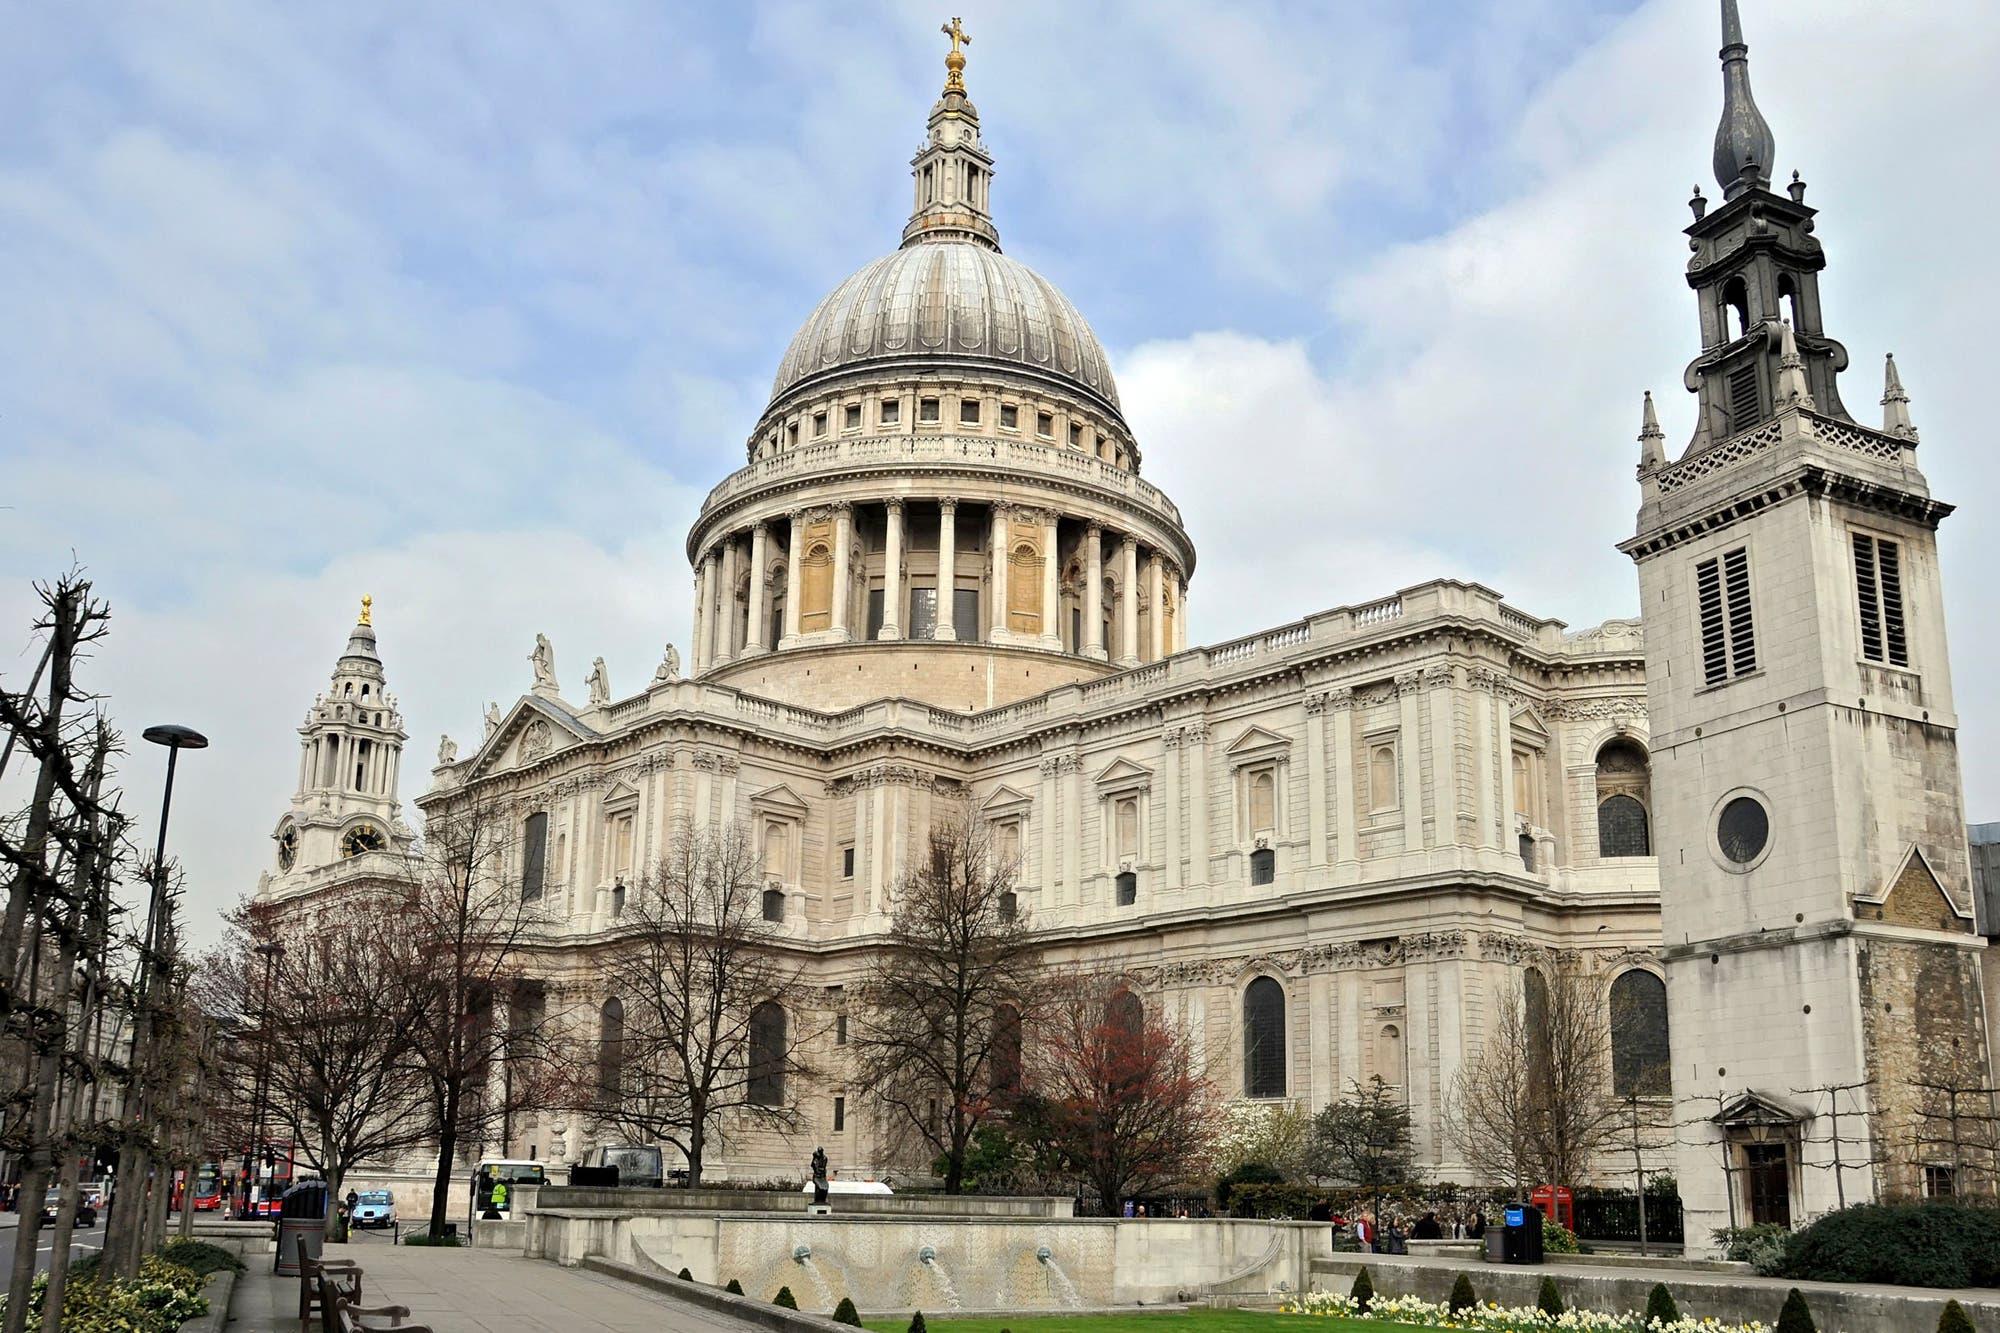 Londres de película  cinco locaciones imperdibles - LA NACION 52bbde2b788a